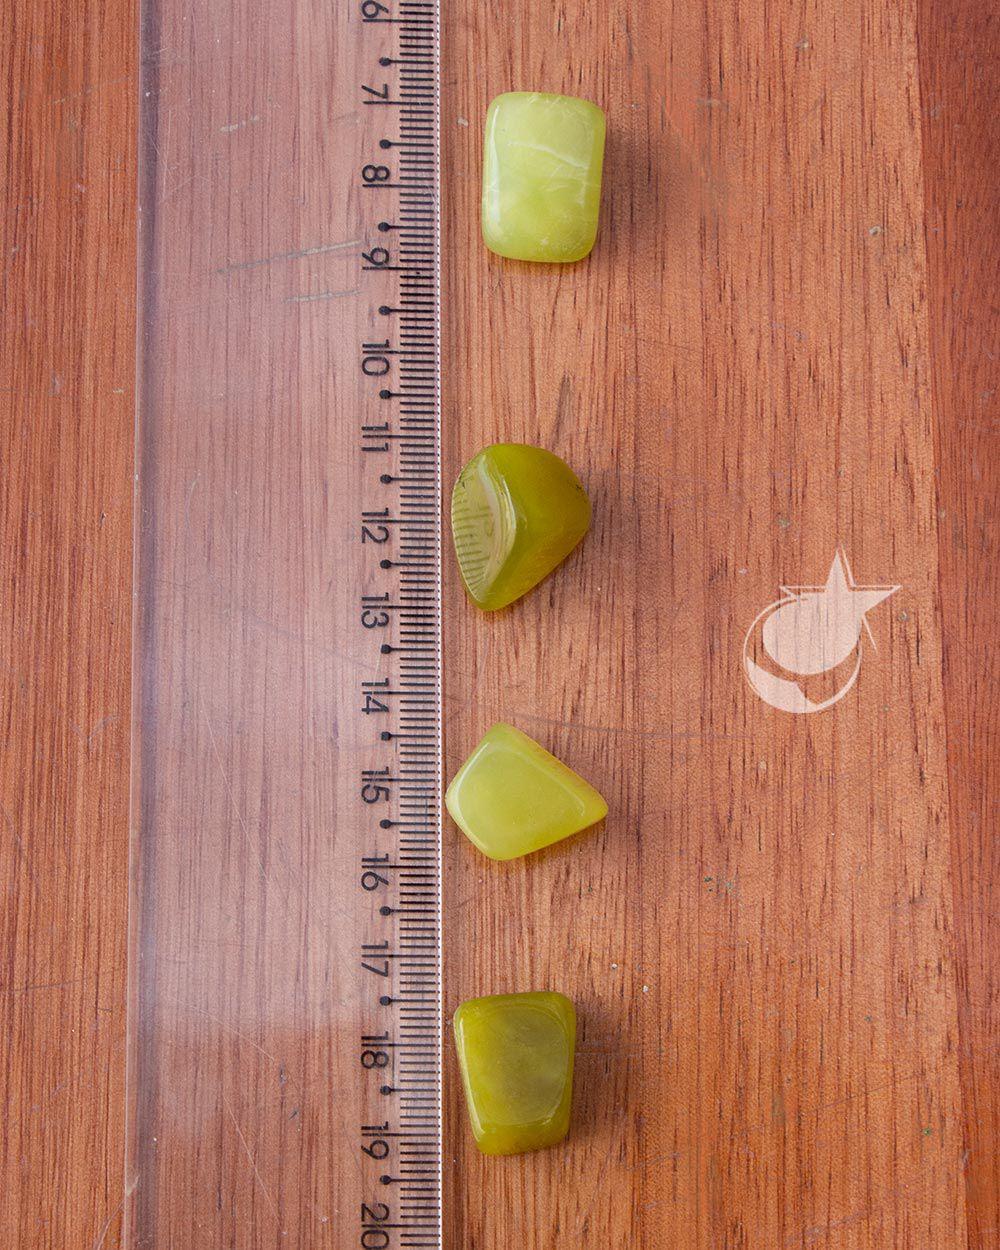 JADE VERDE  ROLADO - UNIDADE - 1,5 a 2 cm - (3 a 5g)